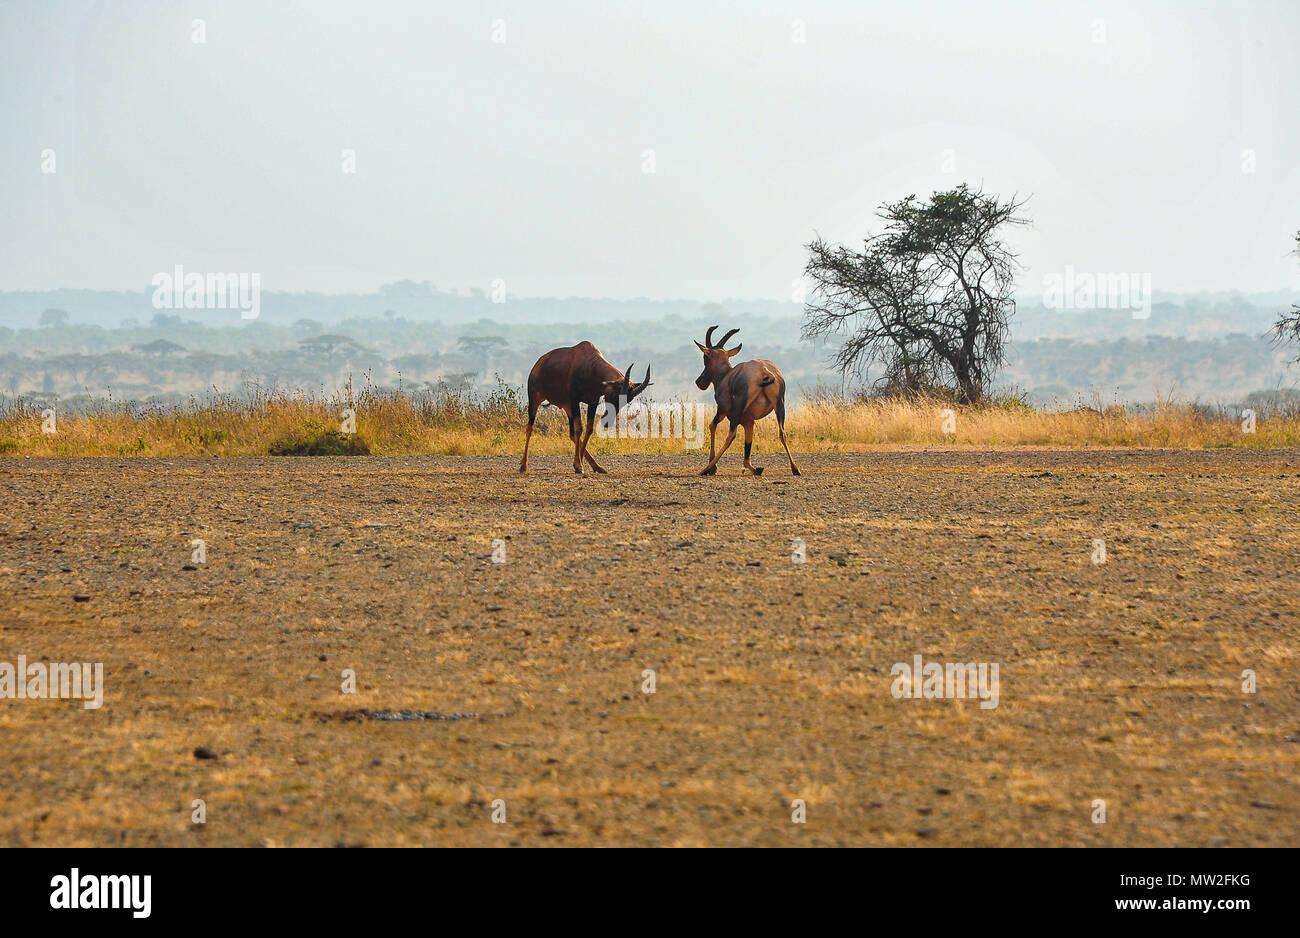 Les antilopes Topi (Damaliscus lunatus jimela) lutte pour le territoire dans un paysage africain. Deux jeunes hommes cornes de verrouillage sur les prairies sèches Photo Stock